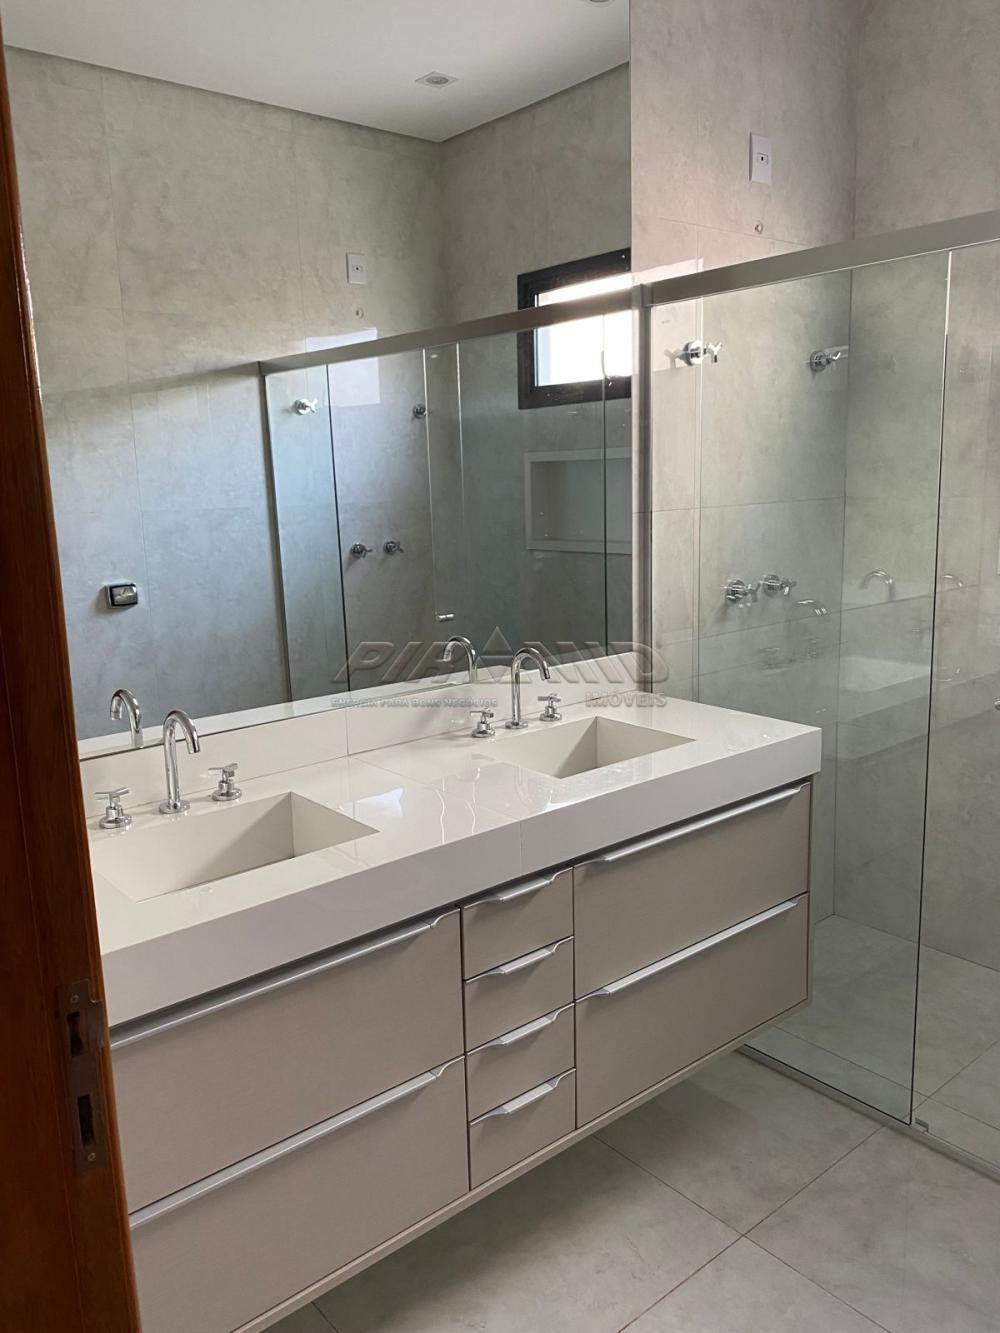 Comprar Casa / Condomínio em Ribeirão Preto R$ 1.350.000,00 - Foto 18